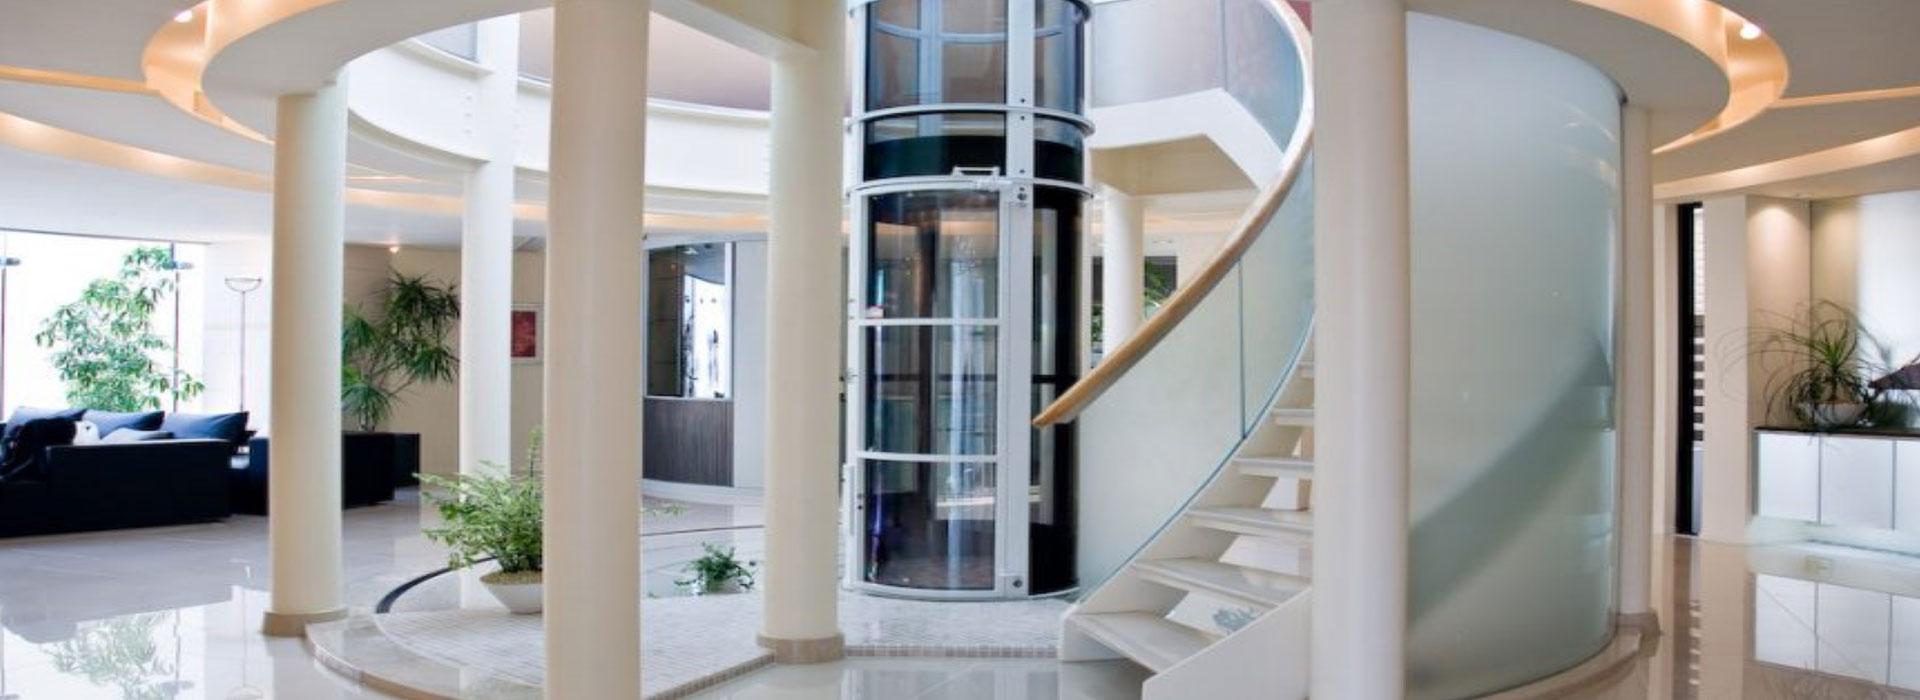 آسانسور پانوراما_panoramic elevator